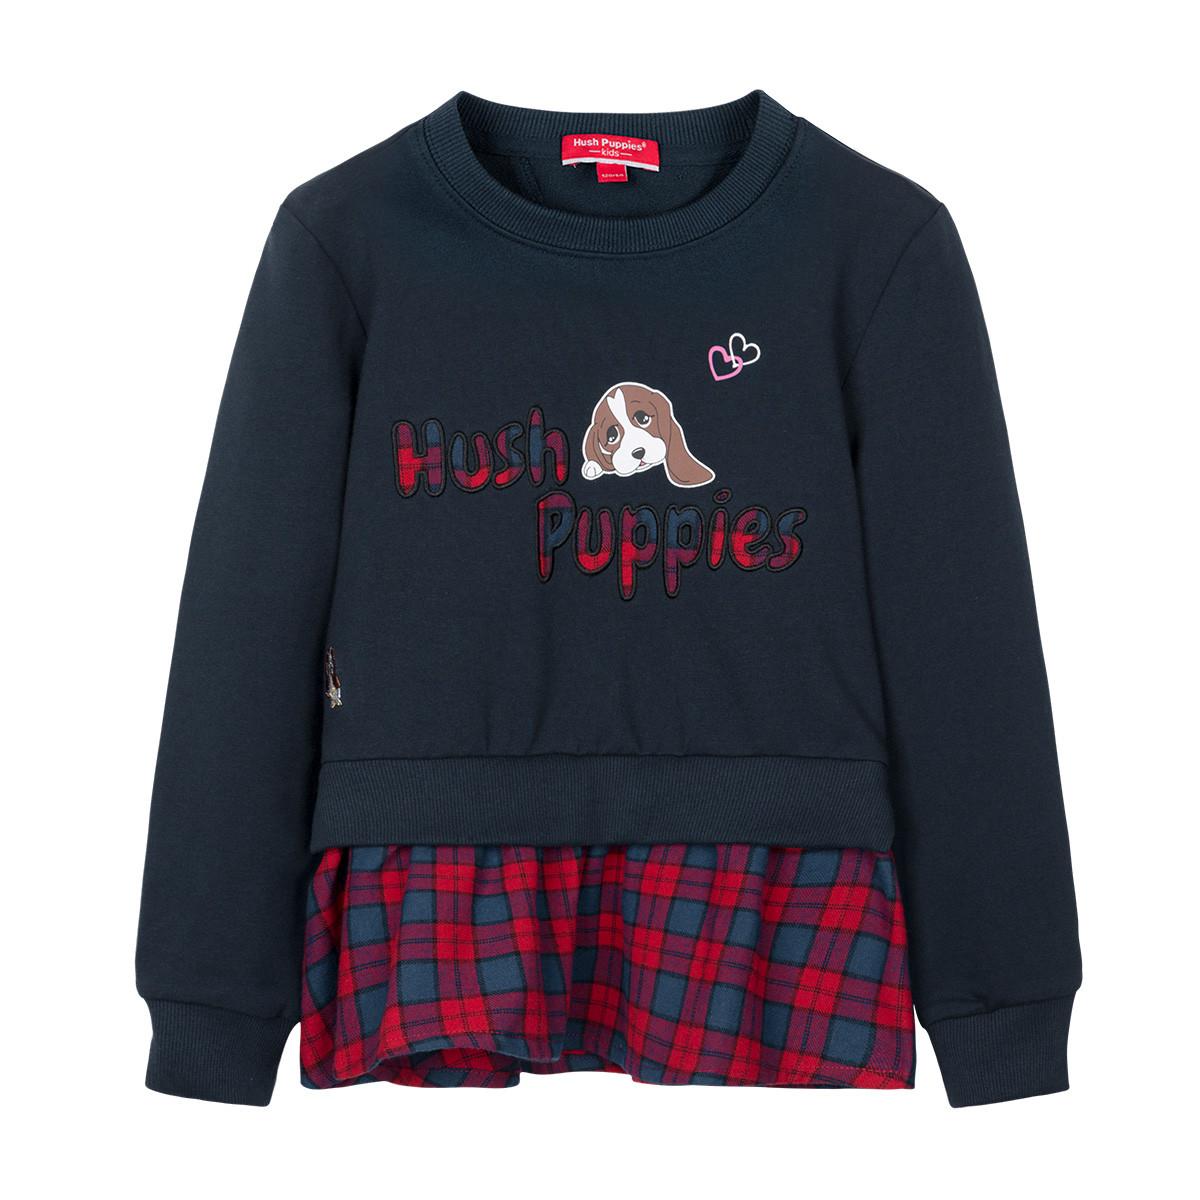 暇步士暇步士童装2019年秋季新款女童卫衣假两件裙式卫衣HPNQGD26CQ629B09